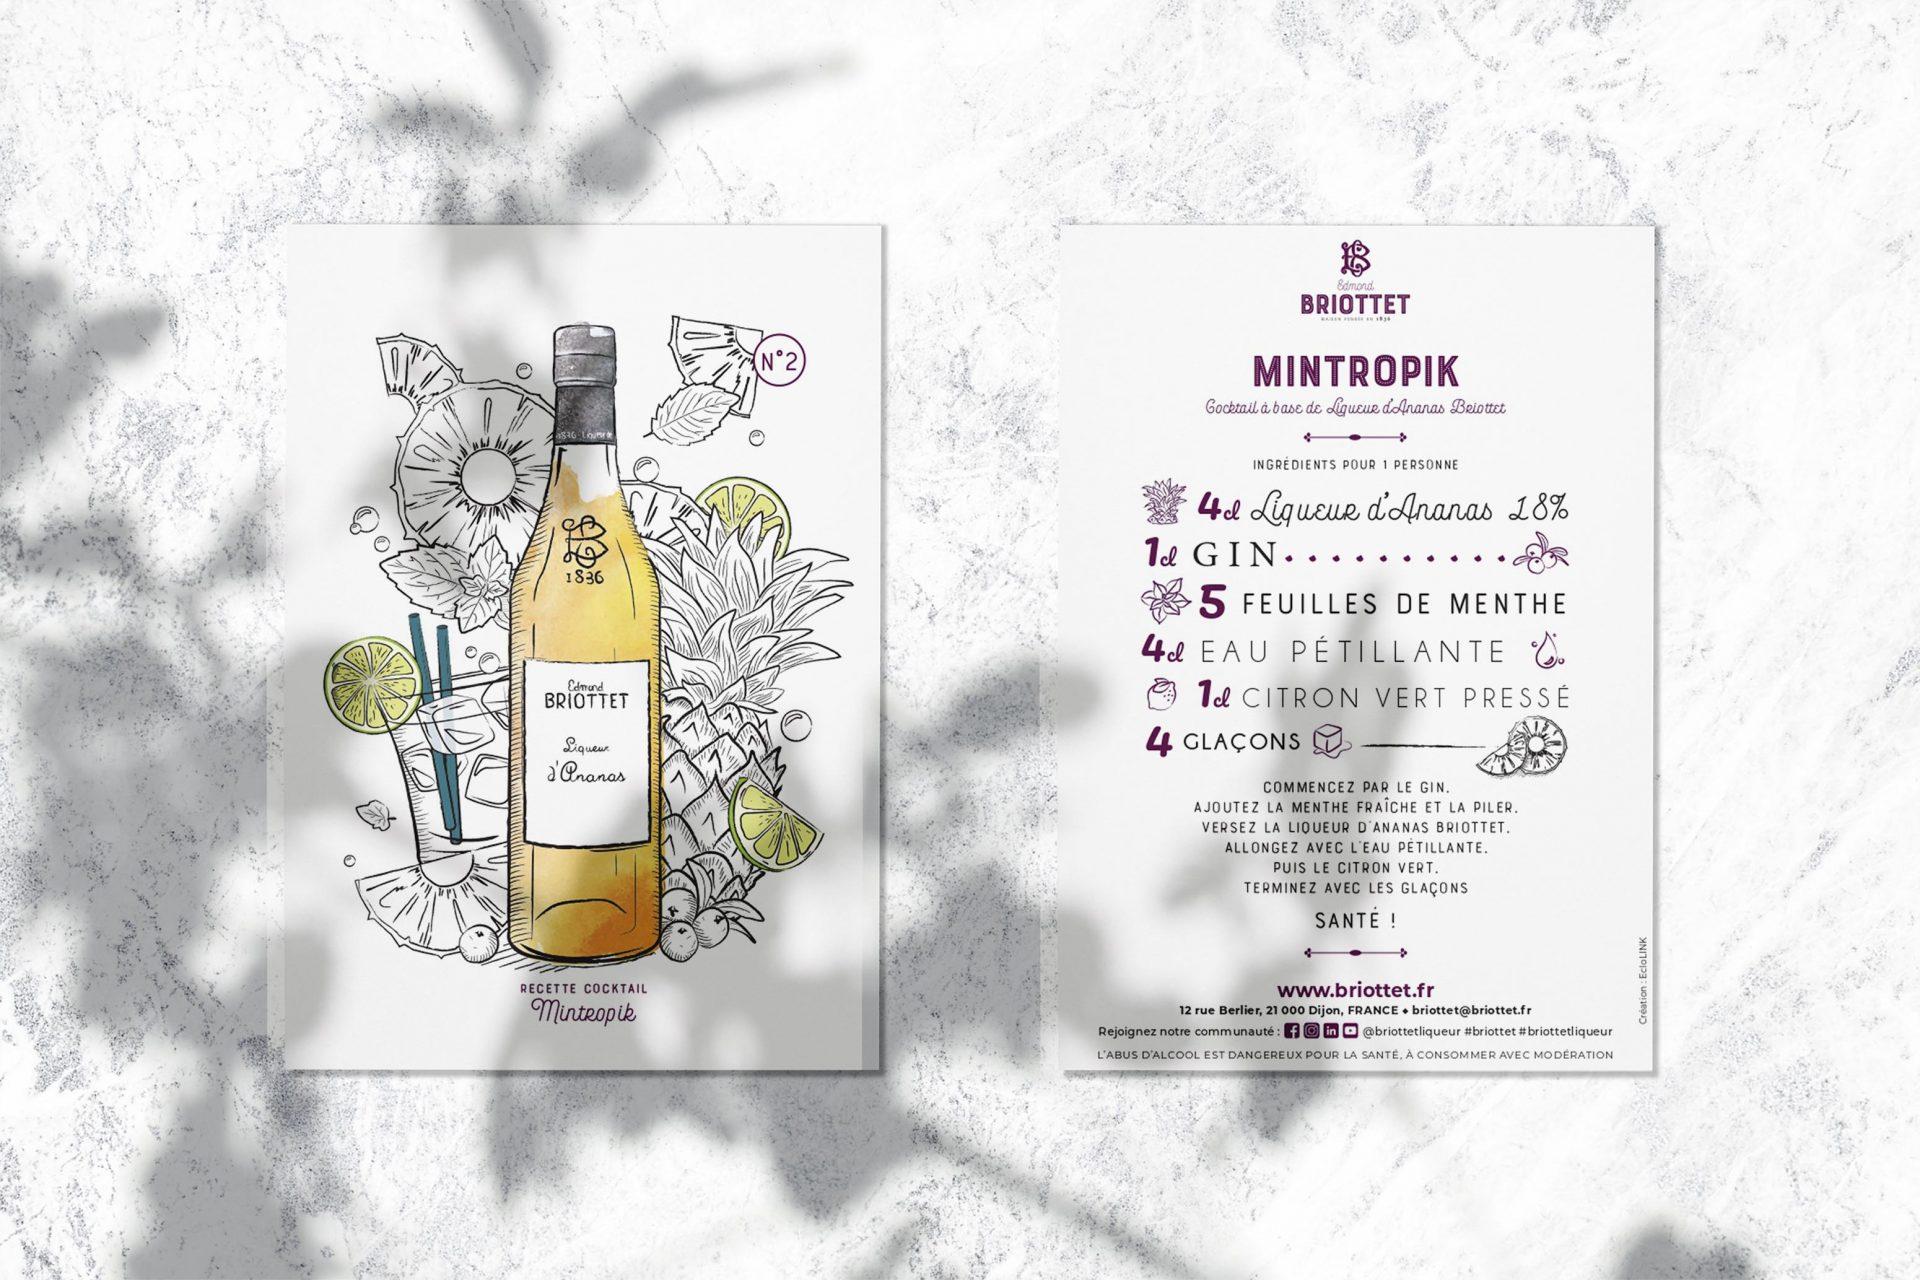 Carte recette cocktail Mintropik à base de liqueur d'Ananas et de feuilles de menthe